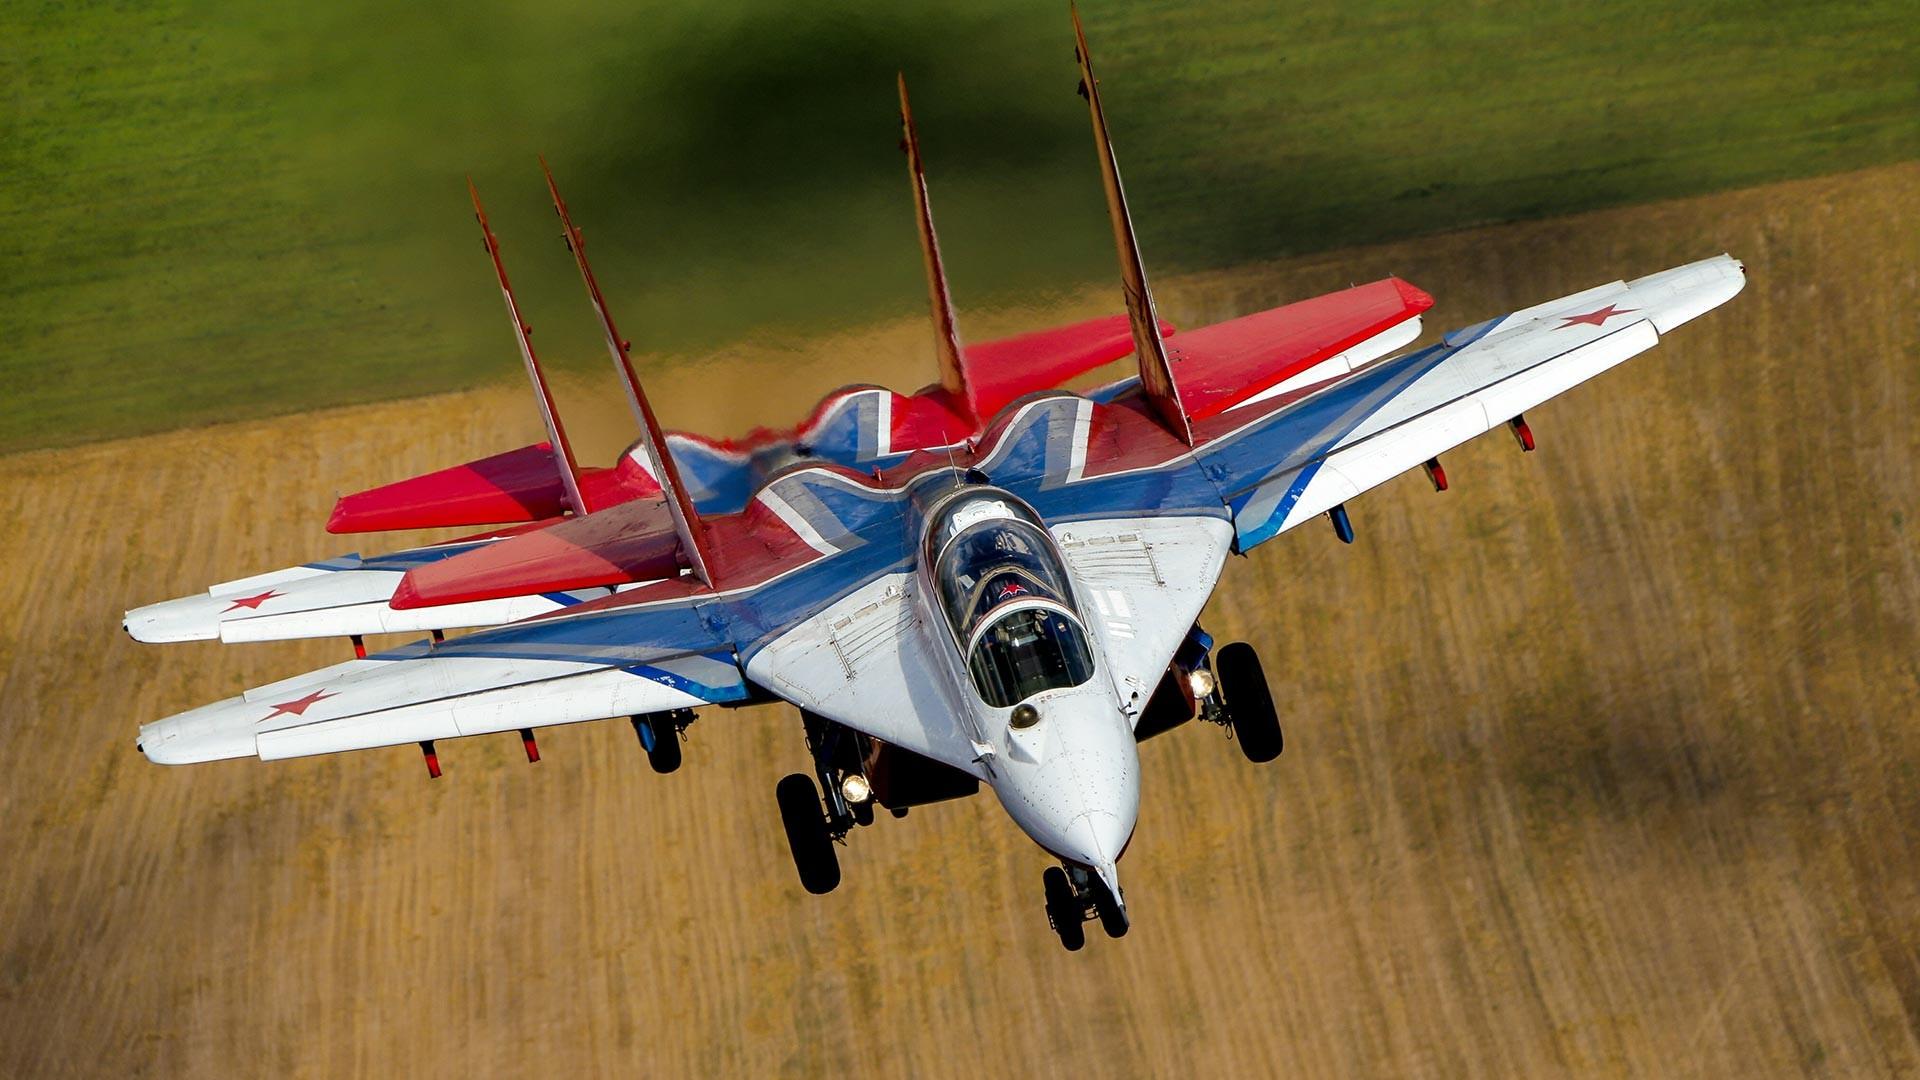 Jet tempur Mikoyan MiG-29 regu aerobatik Strizhi